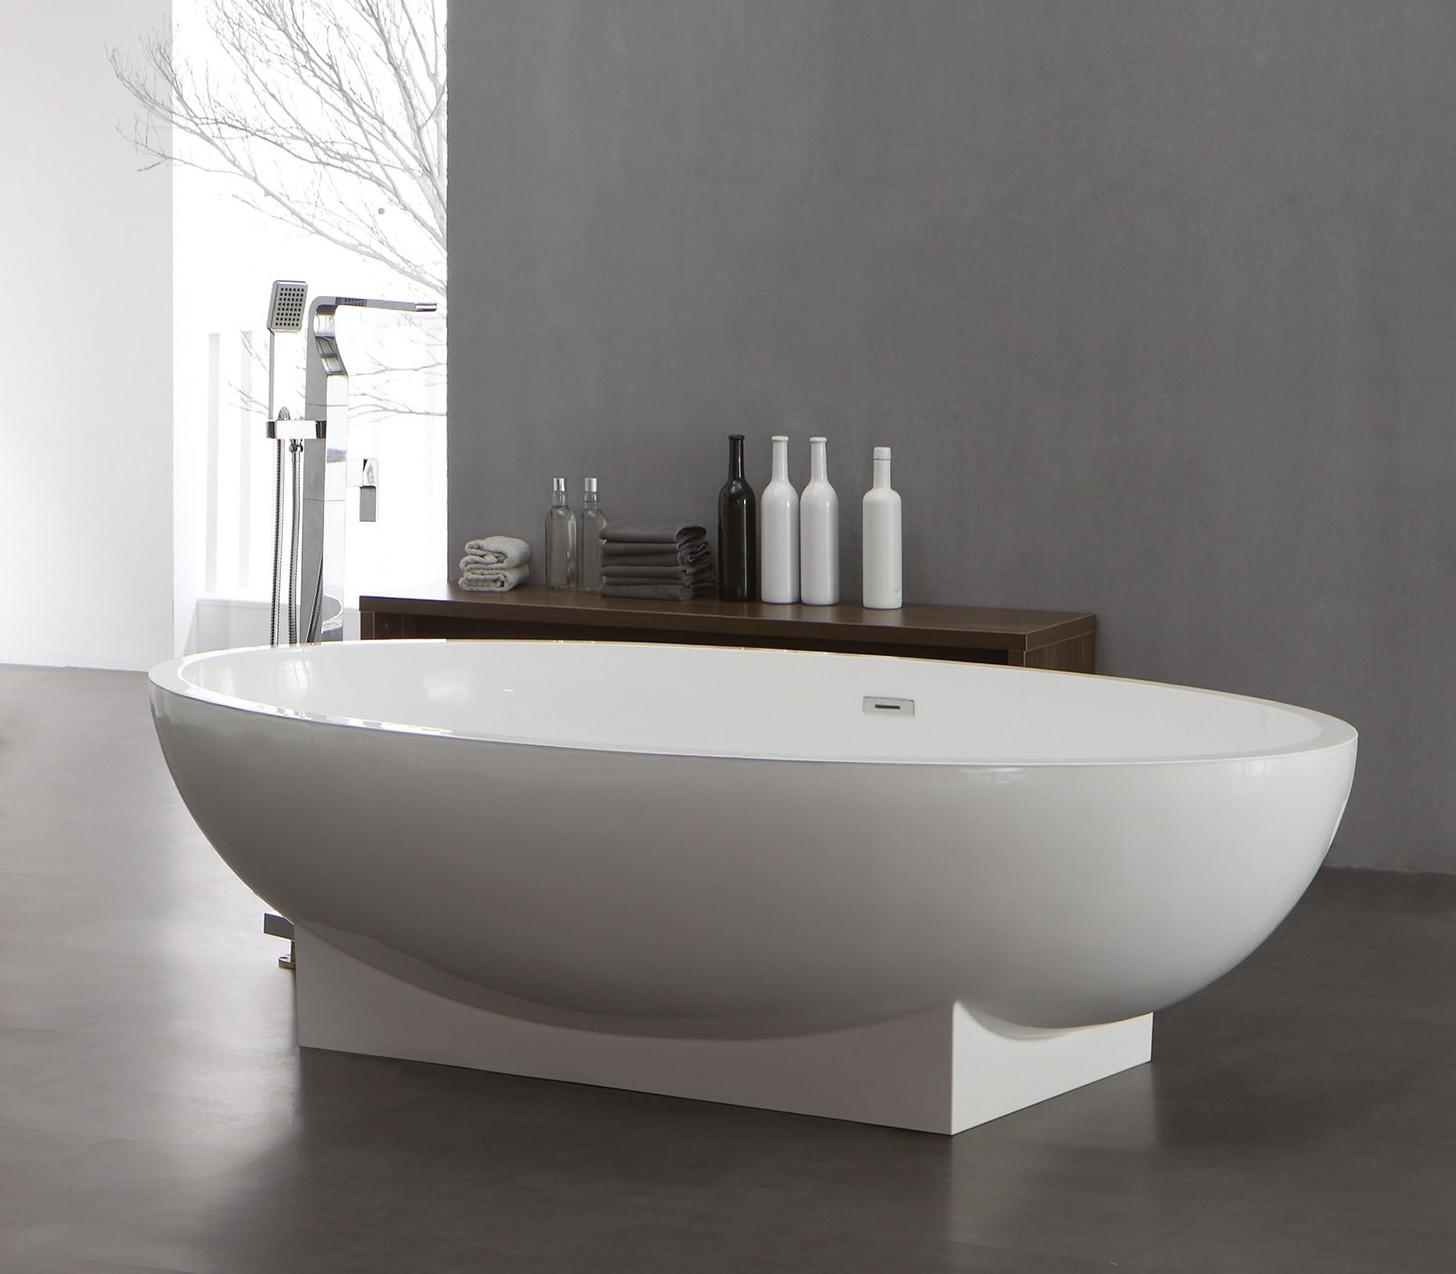 freistehende badewanne aus mineralguss kzoao 1008 badewelt wannen kunststein. Black Bedroom Furniture Sets. Home Design Ideas